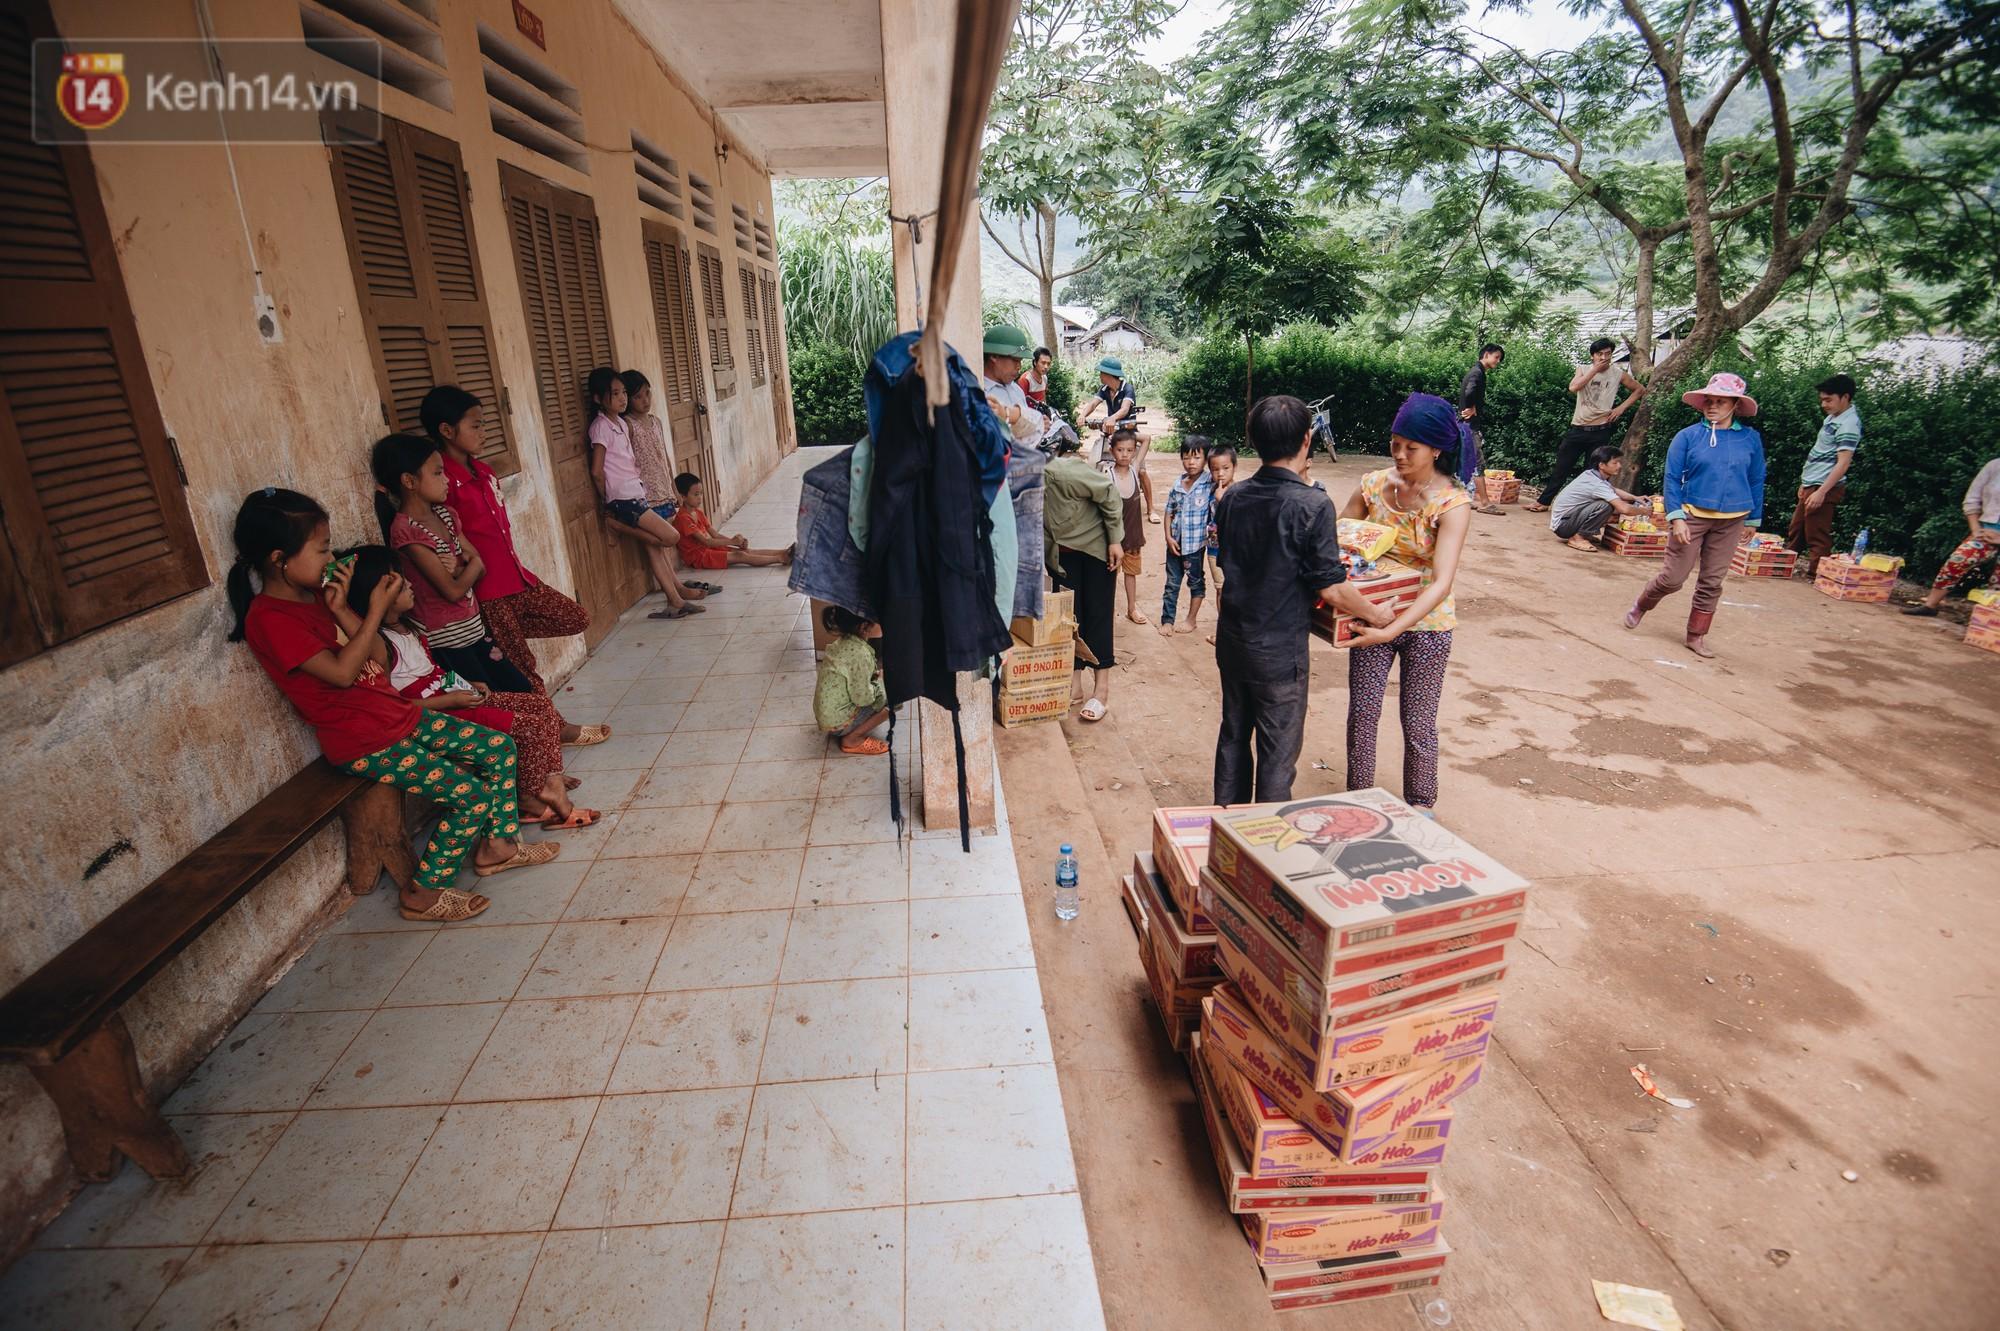 Ánh mắt kiên cường và nụ cười hồn nhiên của trẻ em Hà Giang sau trận lũ đau thương khiến 5 người chết, hàng trăm ngôi nhà đổ nát - Ảnh 5.